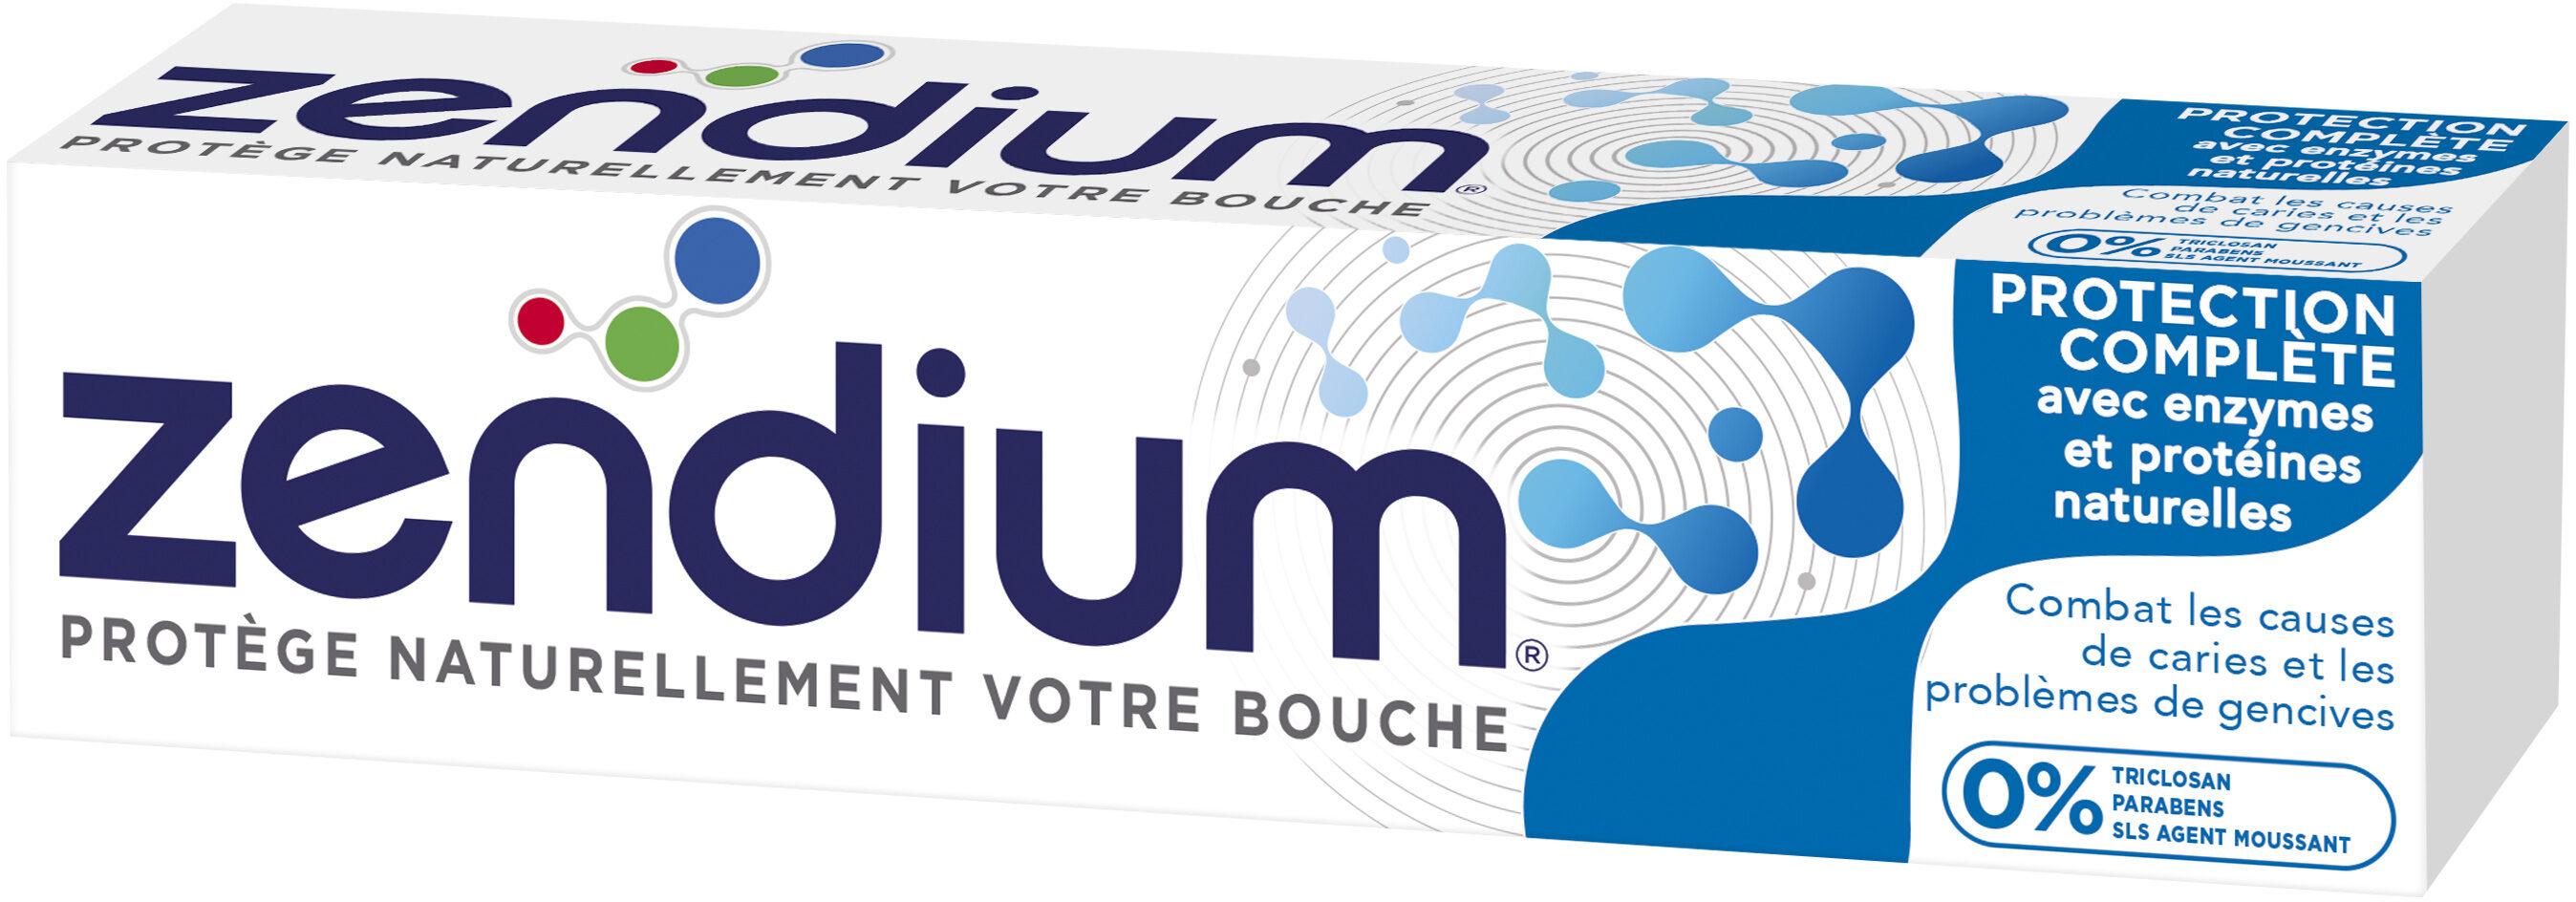 Zendium Dentifrice Protection Complète Mode d'action naturel antibactérien - Product - fr